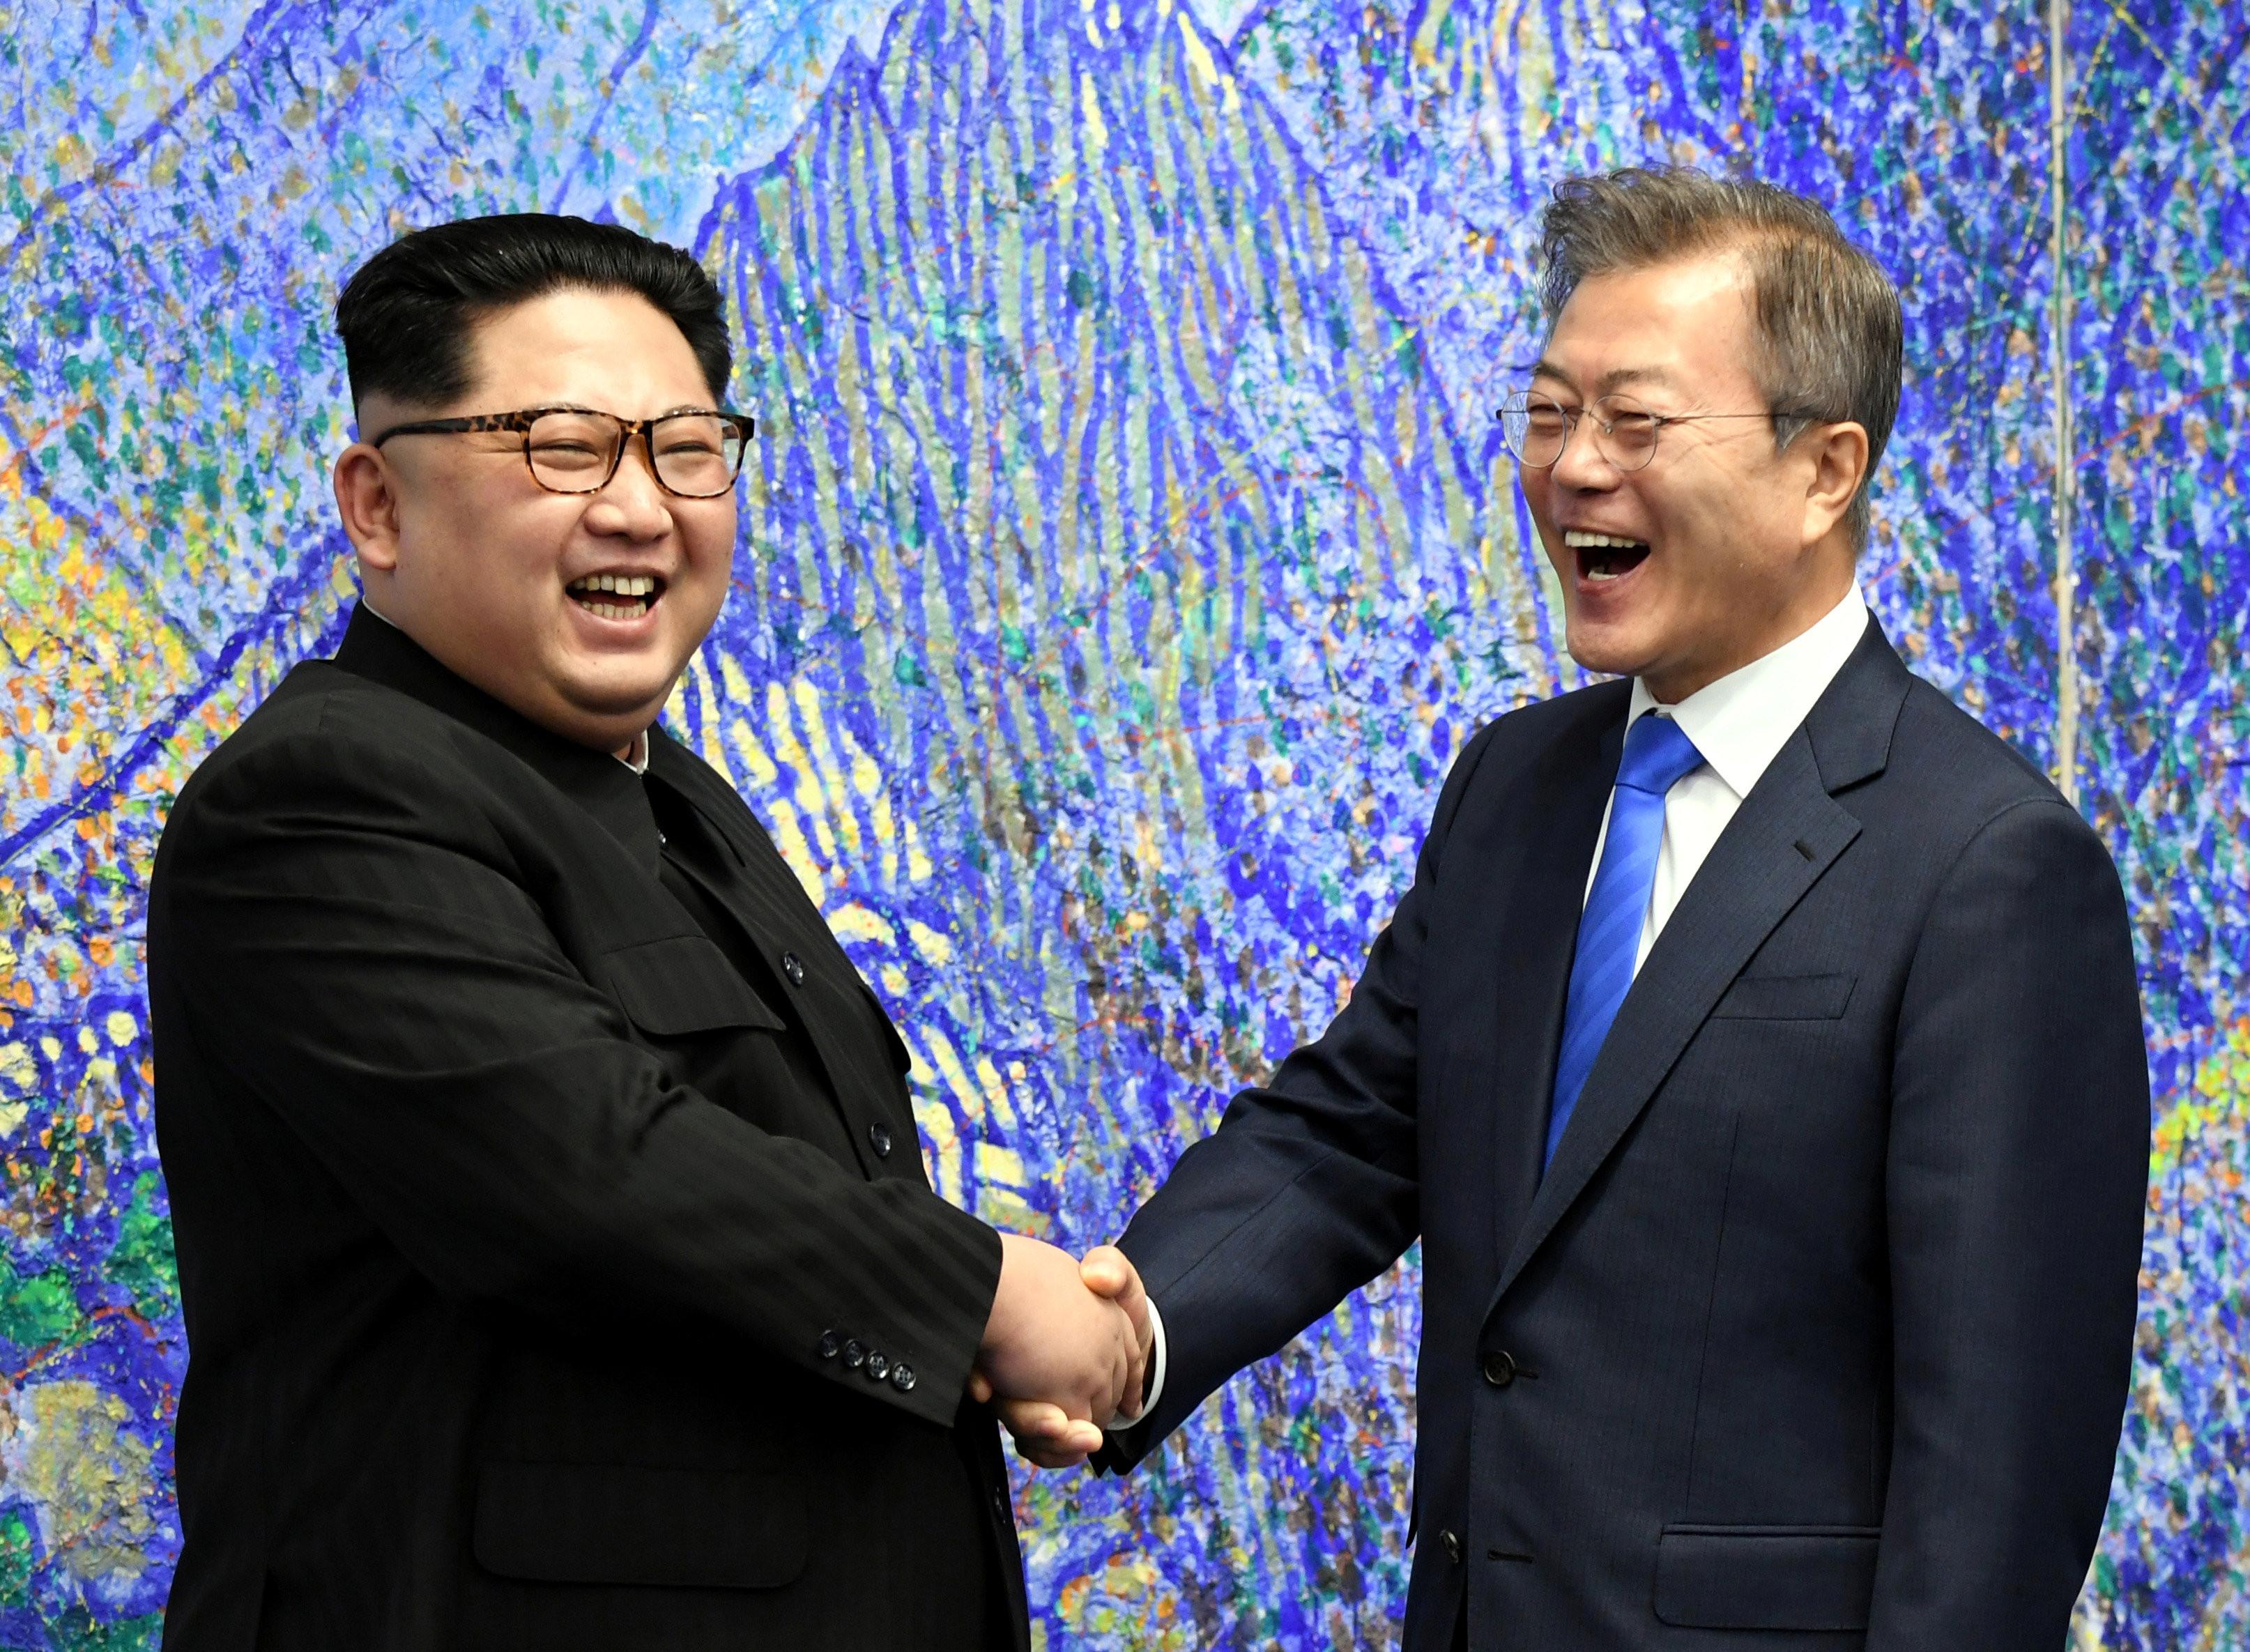 ▲文金會/北韓領導人金正恩與南韓總統文在寅會晤。(圖/路透社)